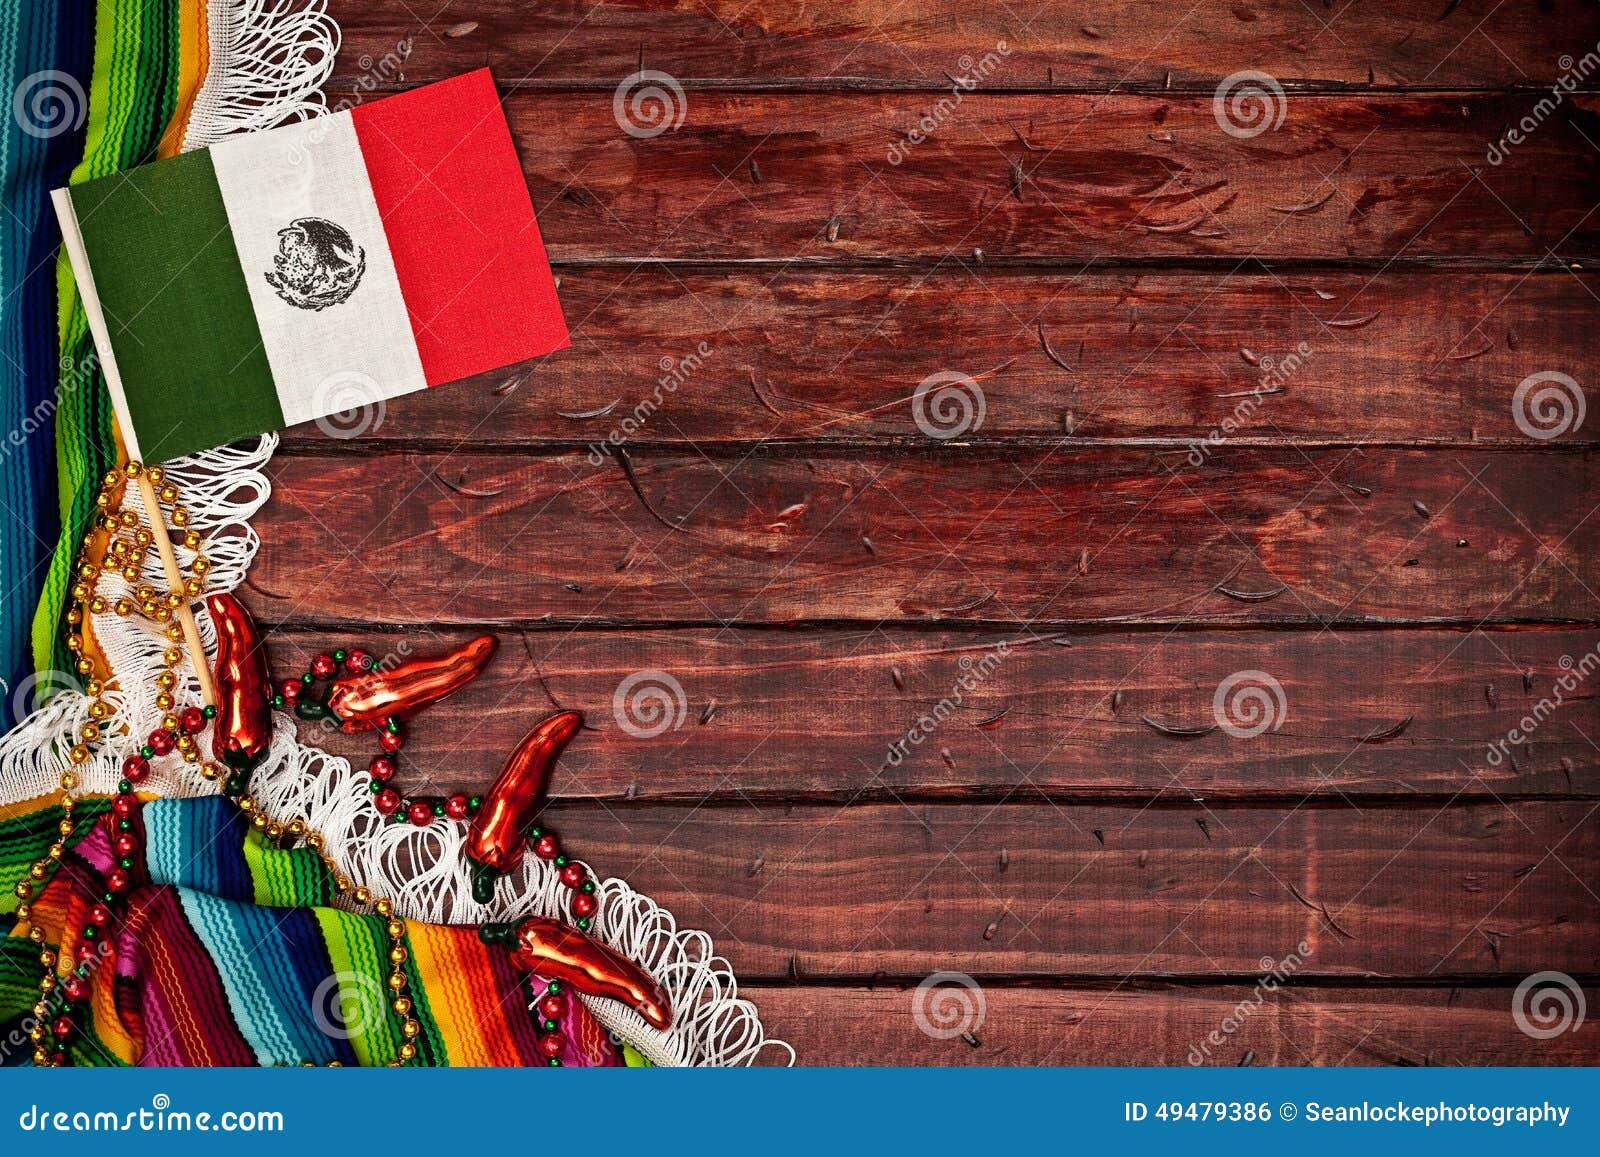 Antecedentes: Bandera Mexicana En Fondo De Madera Foto De